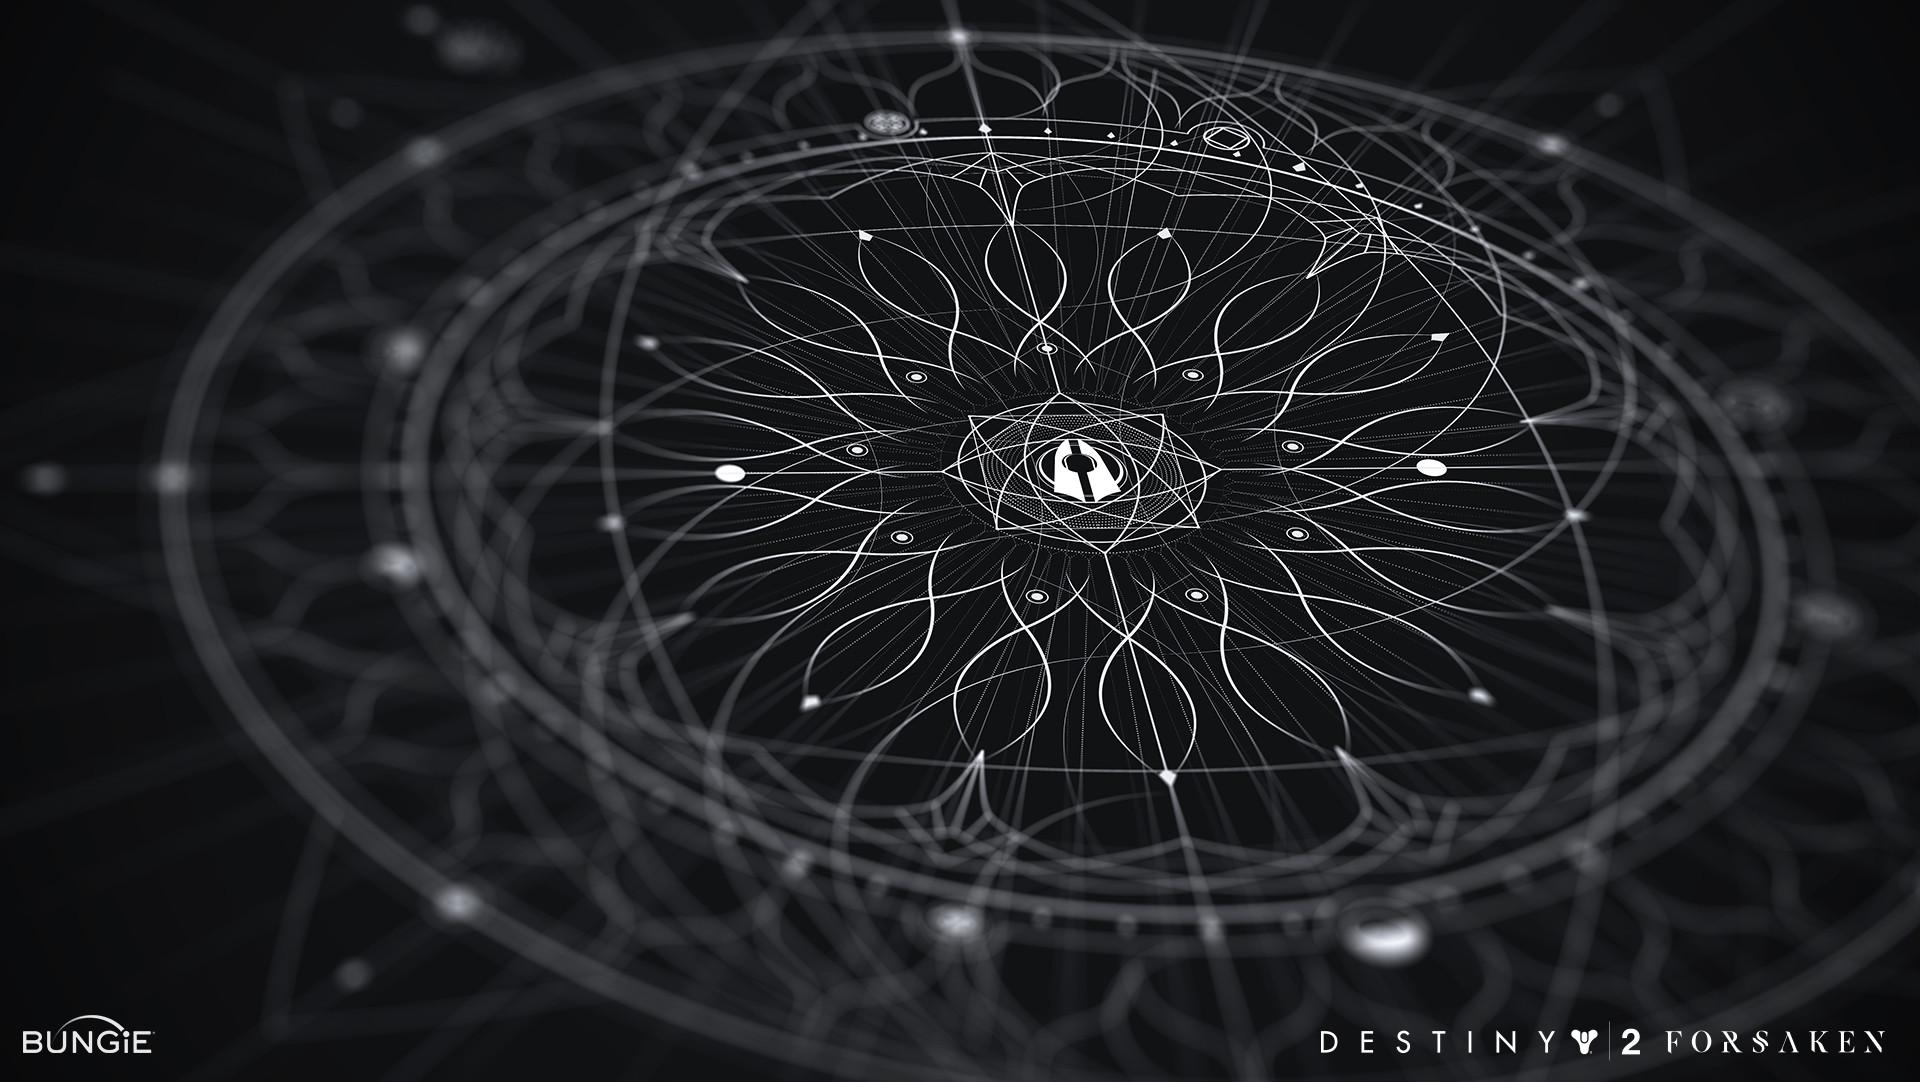 joseph-biwald-d2-forsaken-radial-dreaming-city-biwald-render-01.jpg